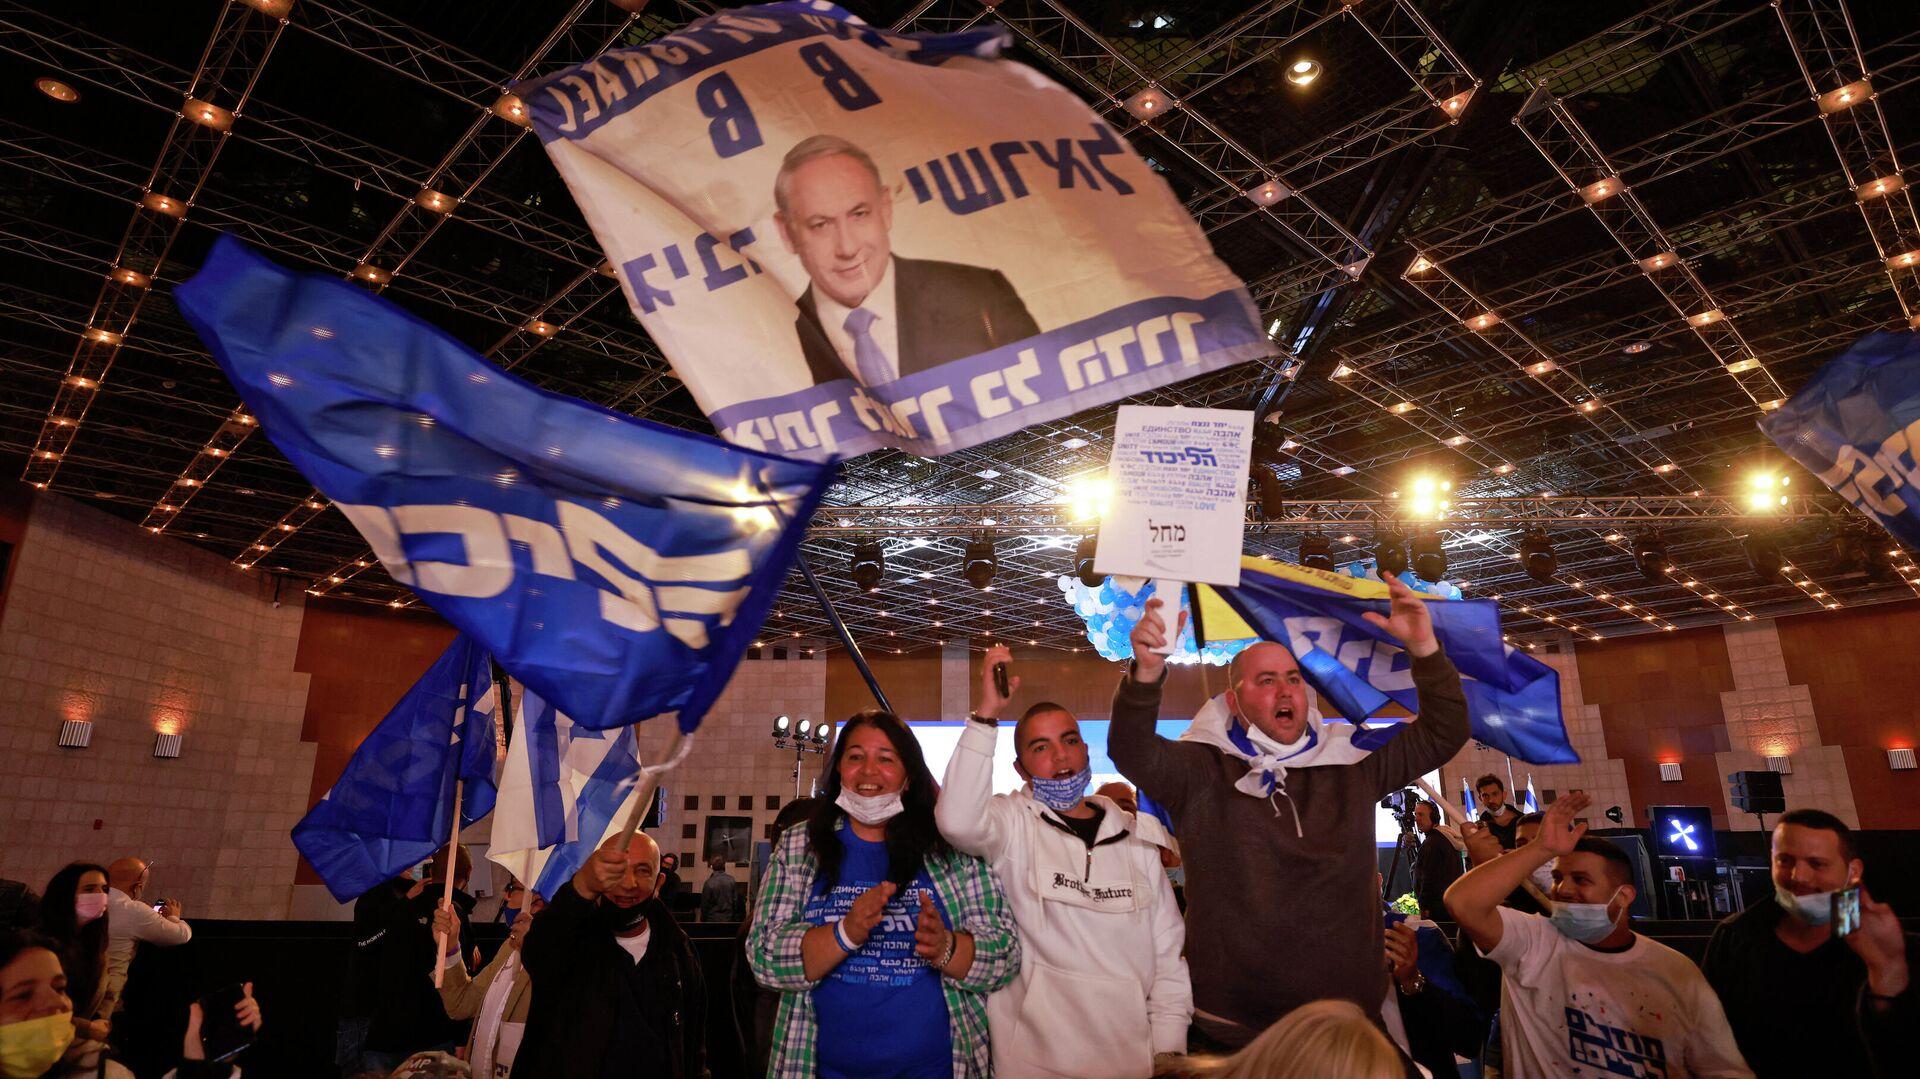 Los partidarios del partido israelí Likud - Sputnik Mundo, 1920, 16.06.2021